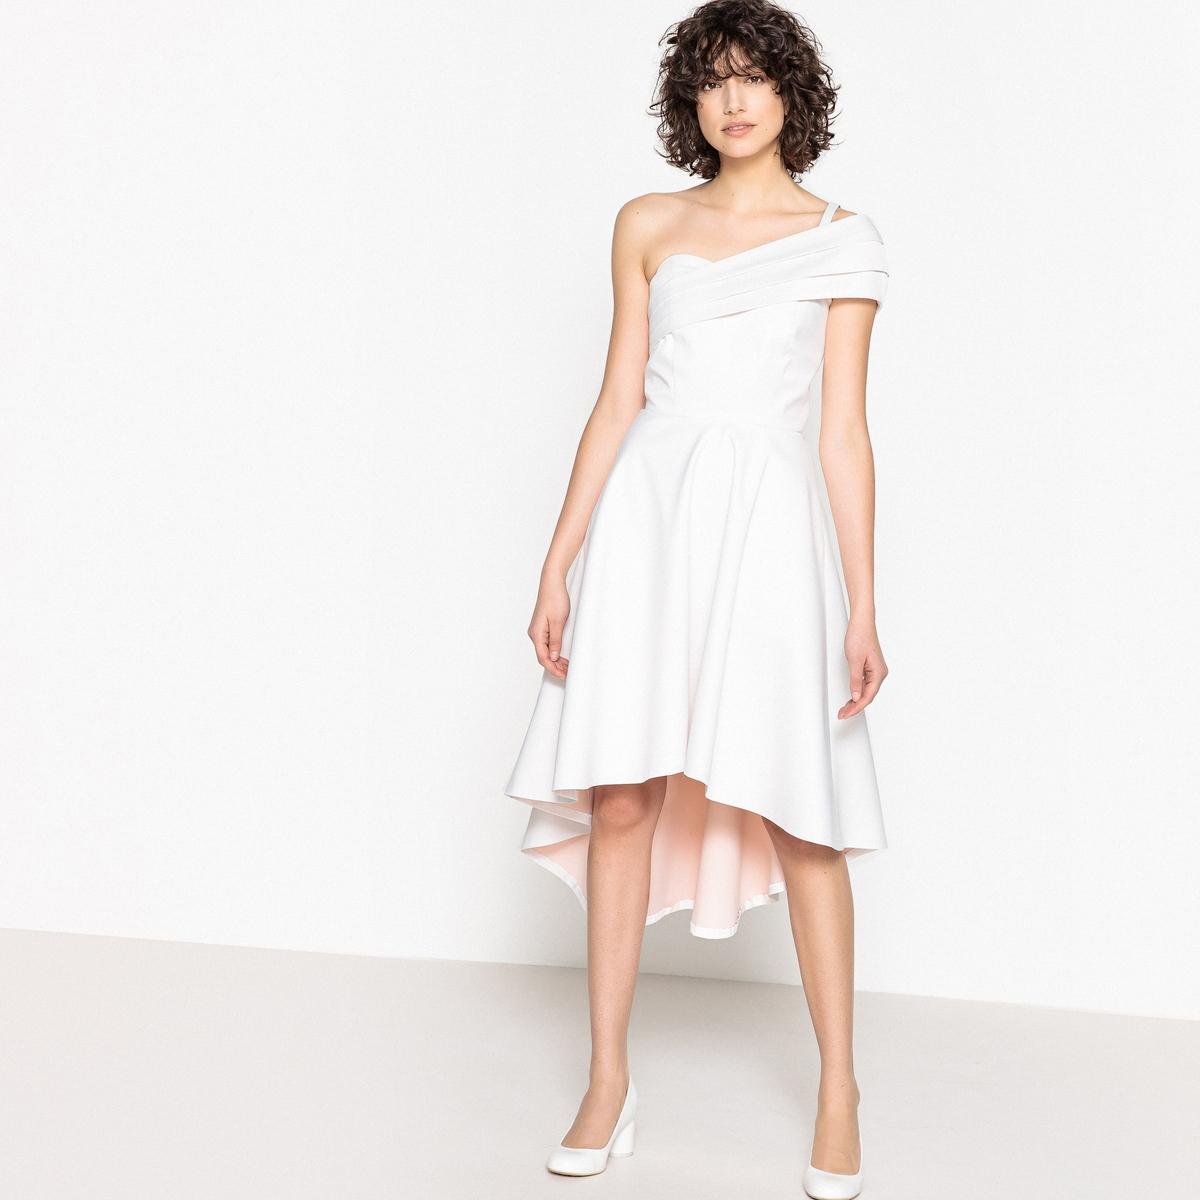 Платье La Redoute Свадебное с одним открытым плечом и бантом сзади 34 (FR) - 40 (RUS) белый свадебное платье zsc 100pthd lygh29